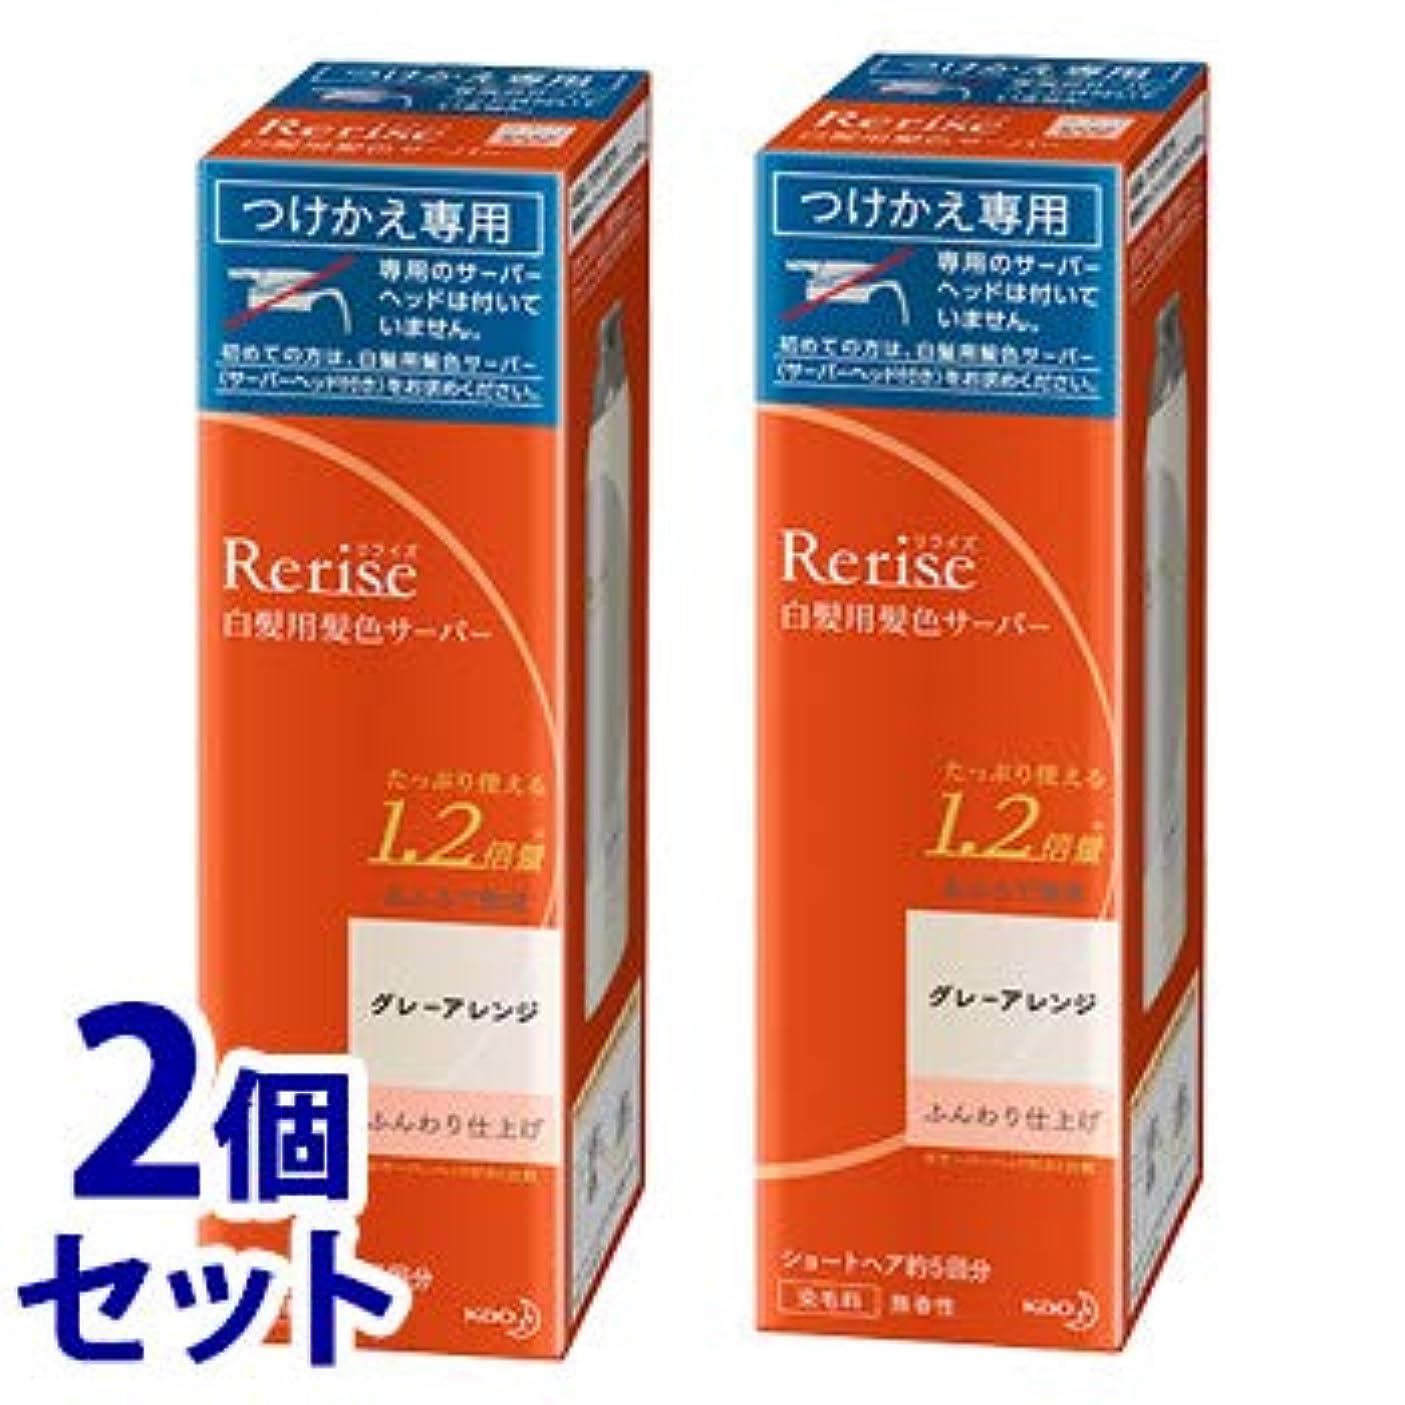 一生業界《セット販売》 花王 リライズ 白髪用髪色サーバー グレーアレンジ ふんわり仕上げ つけかえ用 (190g)×2個セット 付け替え用 染毛料